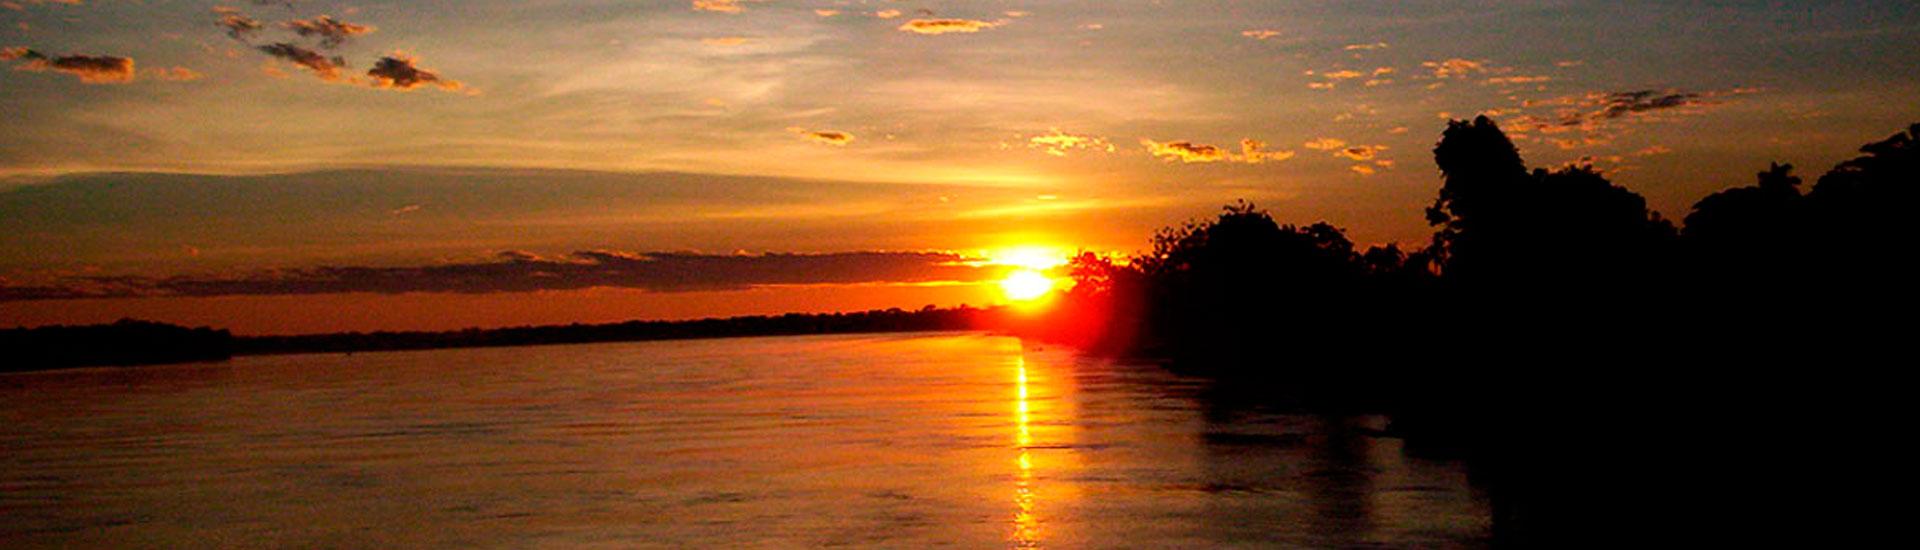 Tambopata 05 Days / 04 Nights